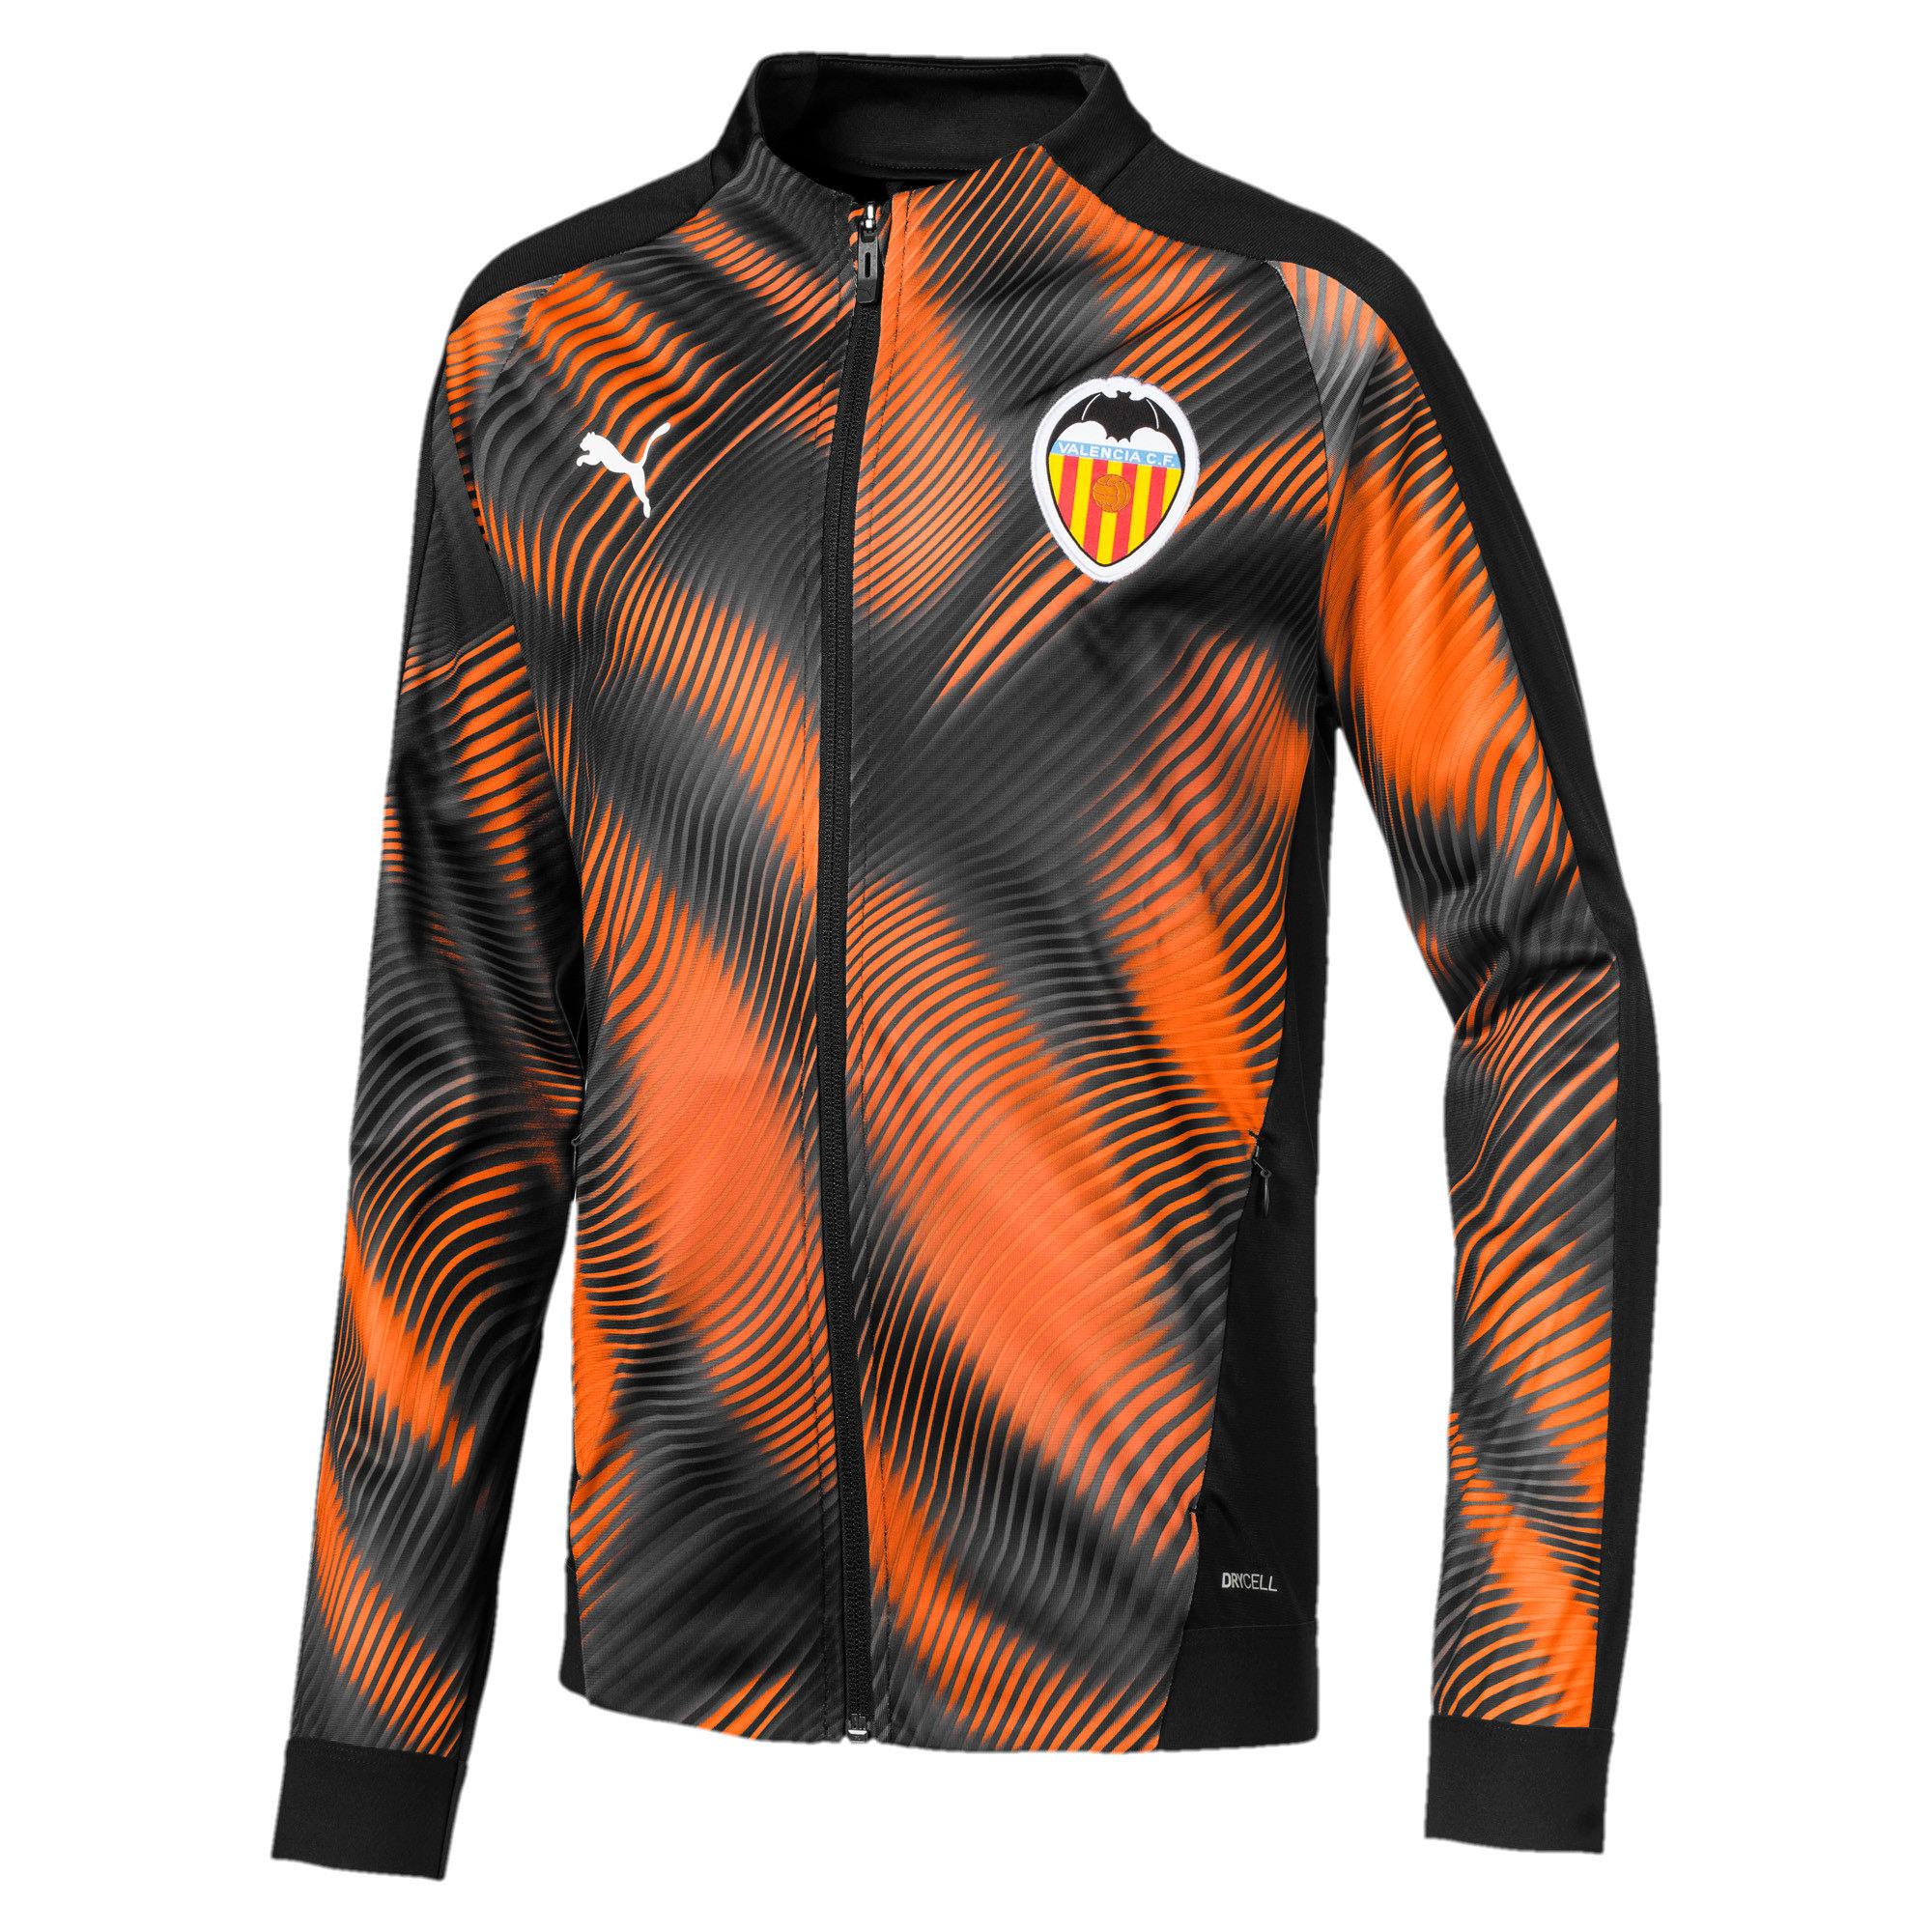 Thumbnail 1 of Valencia CF Kids' Stadium Jacket, Puma Black-Vibrant Orange, medium